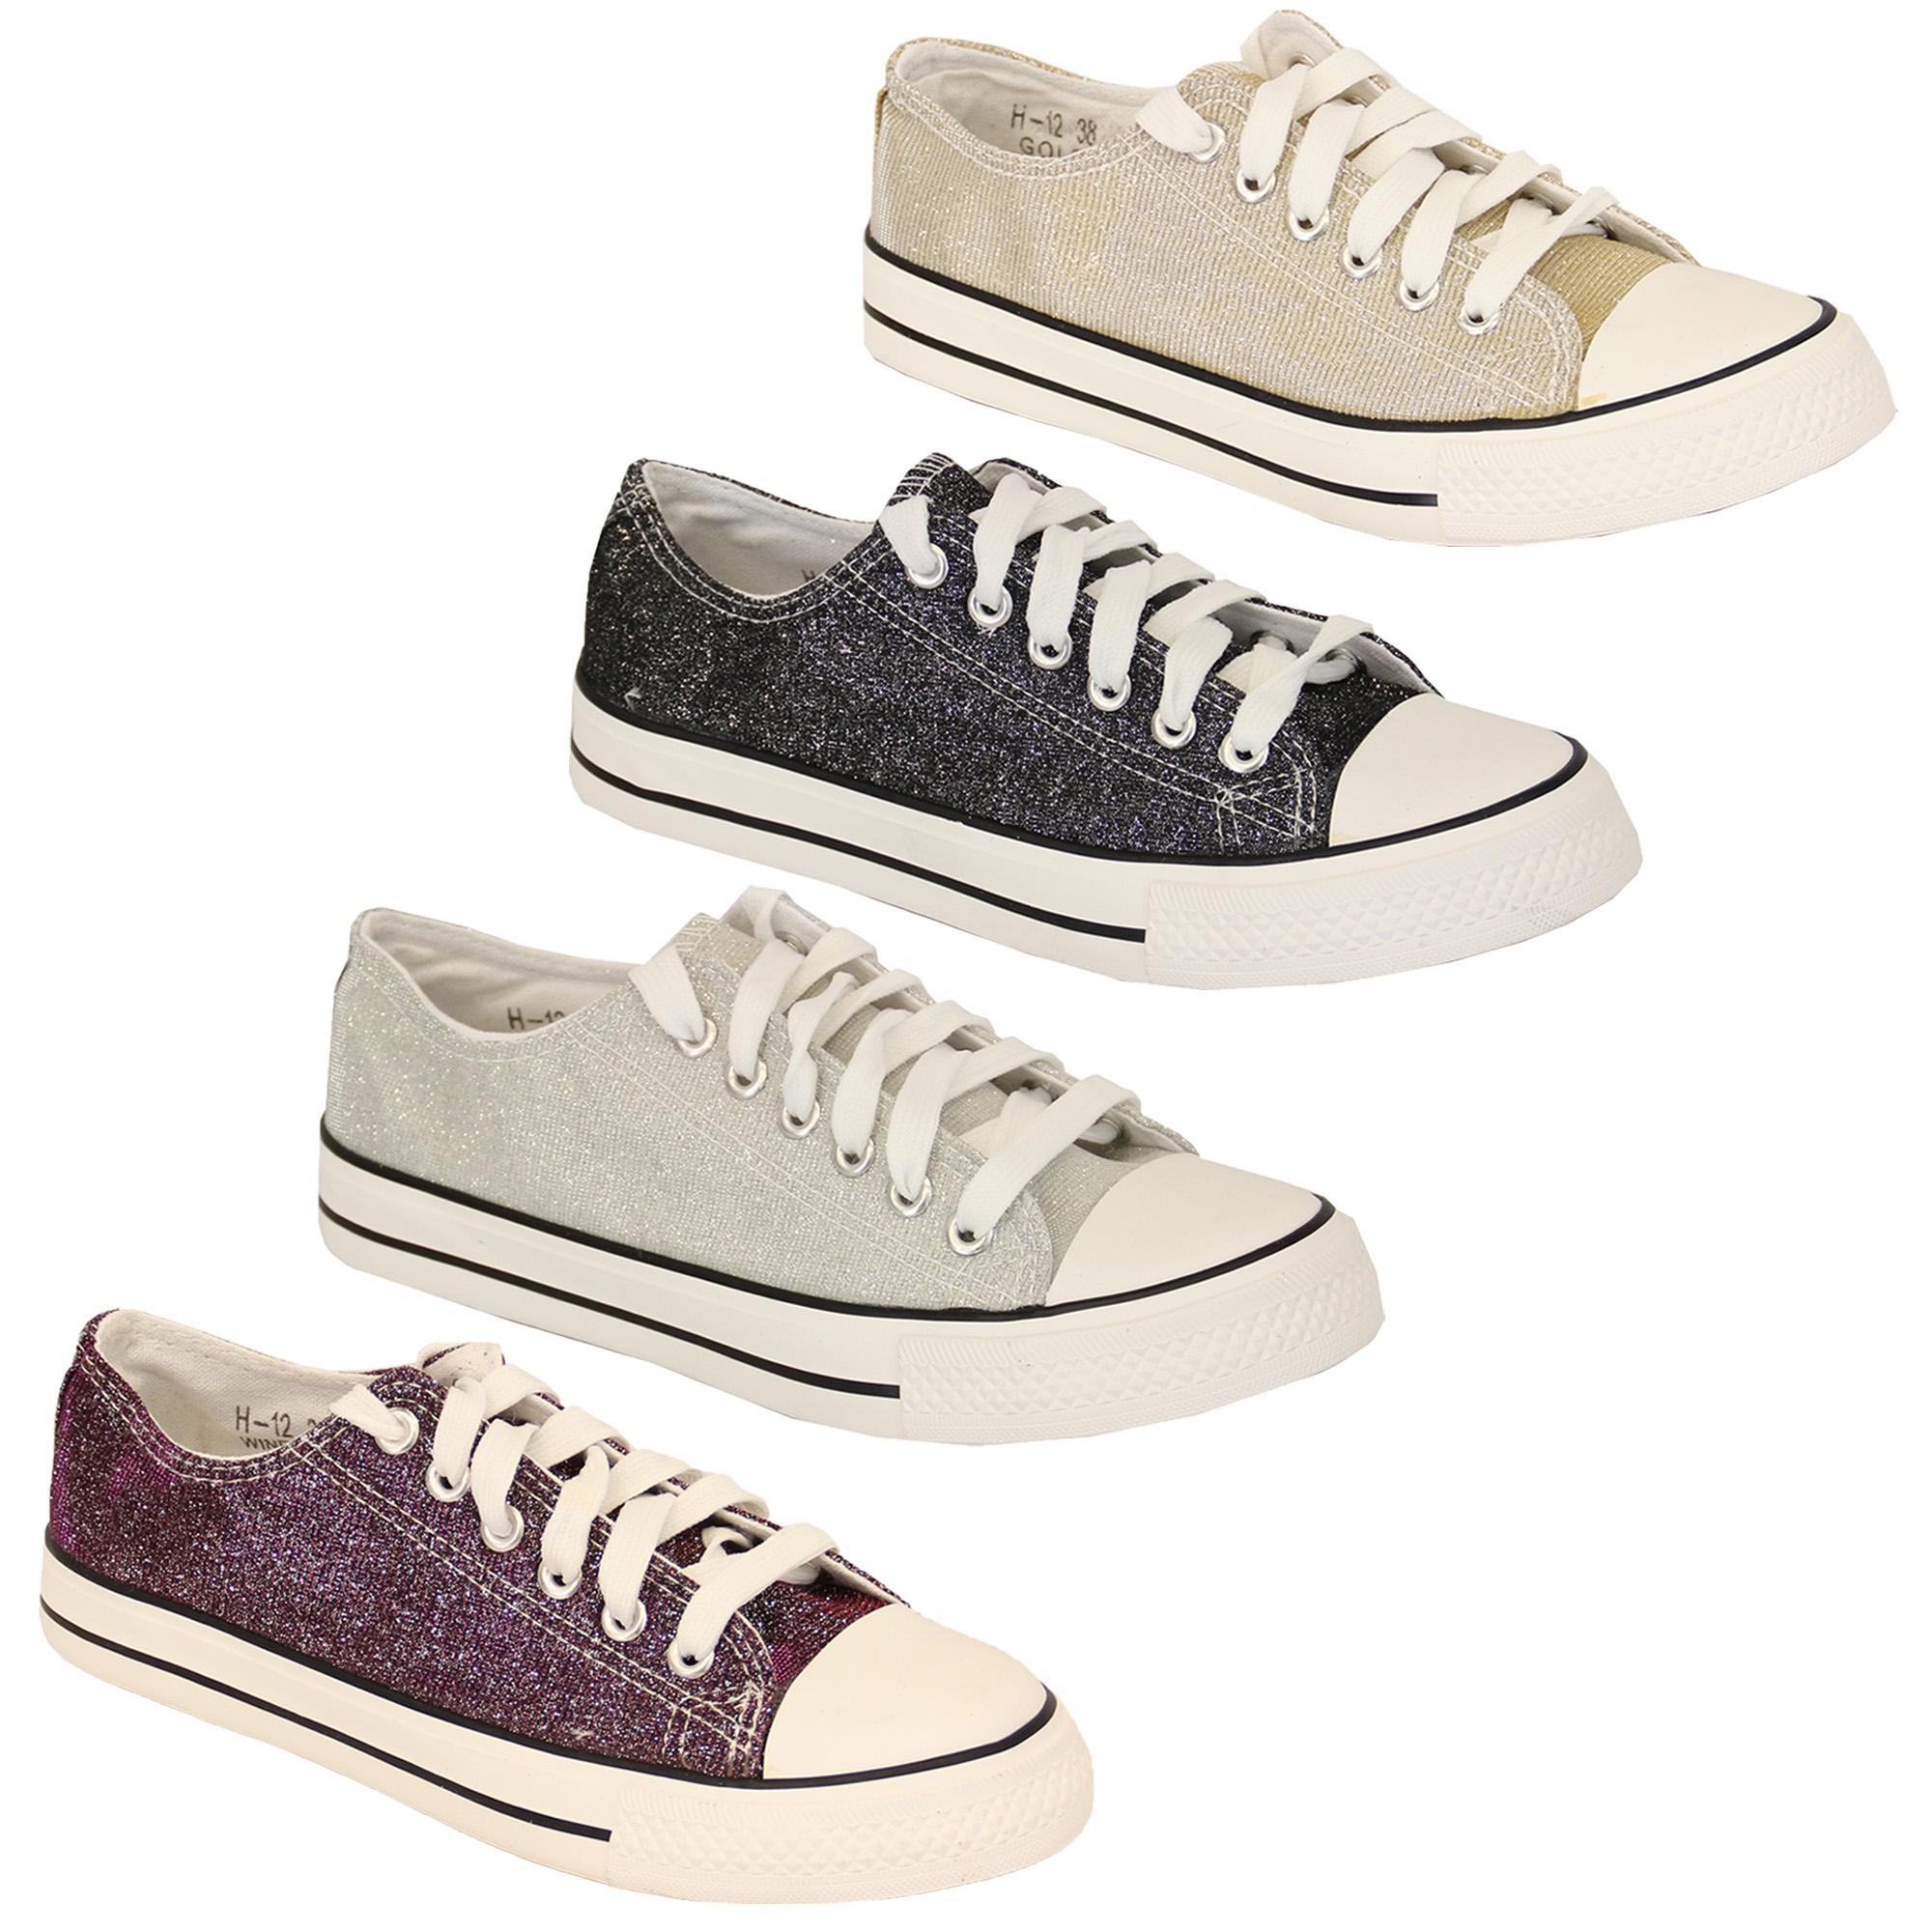 Vin Escarpins Chaussures Lacets Femmes Chaussures Paillettes Toile H12 À zxwqxOXS0